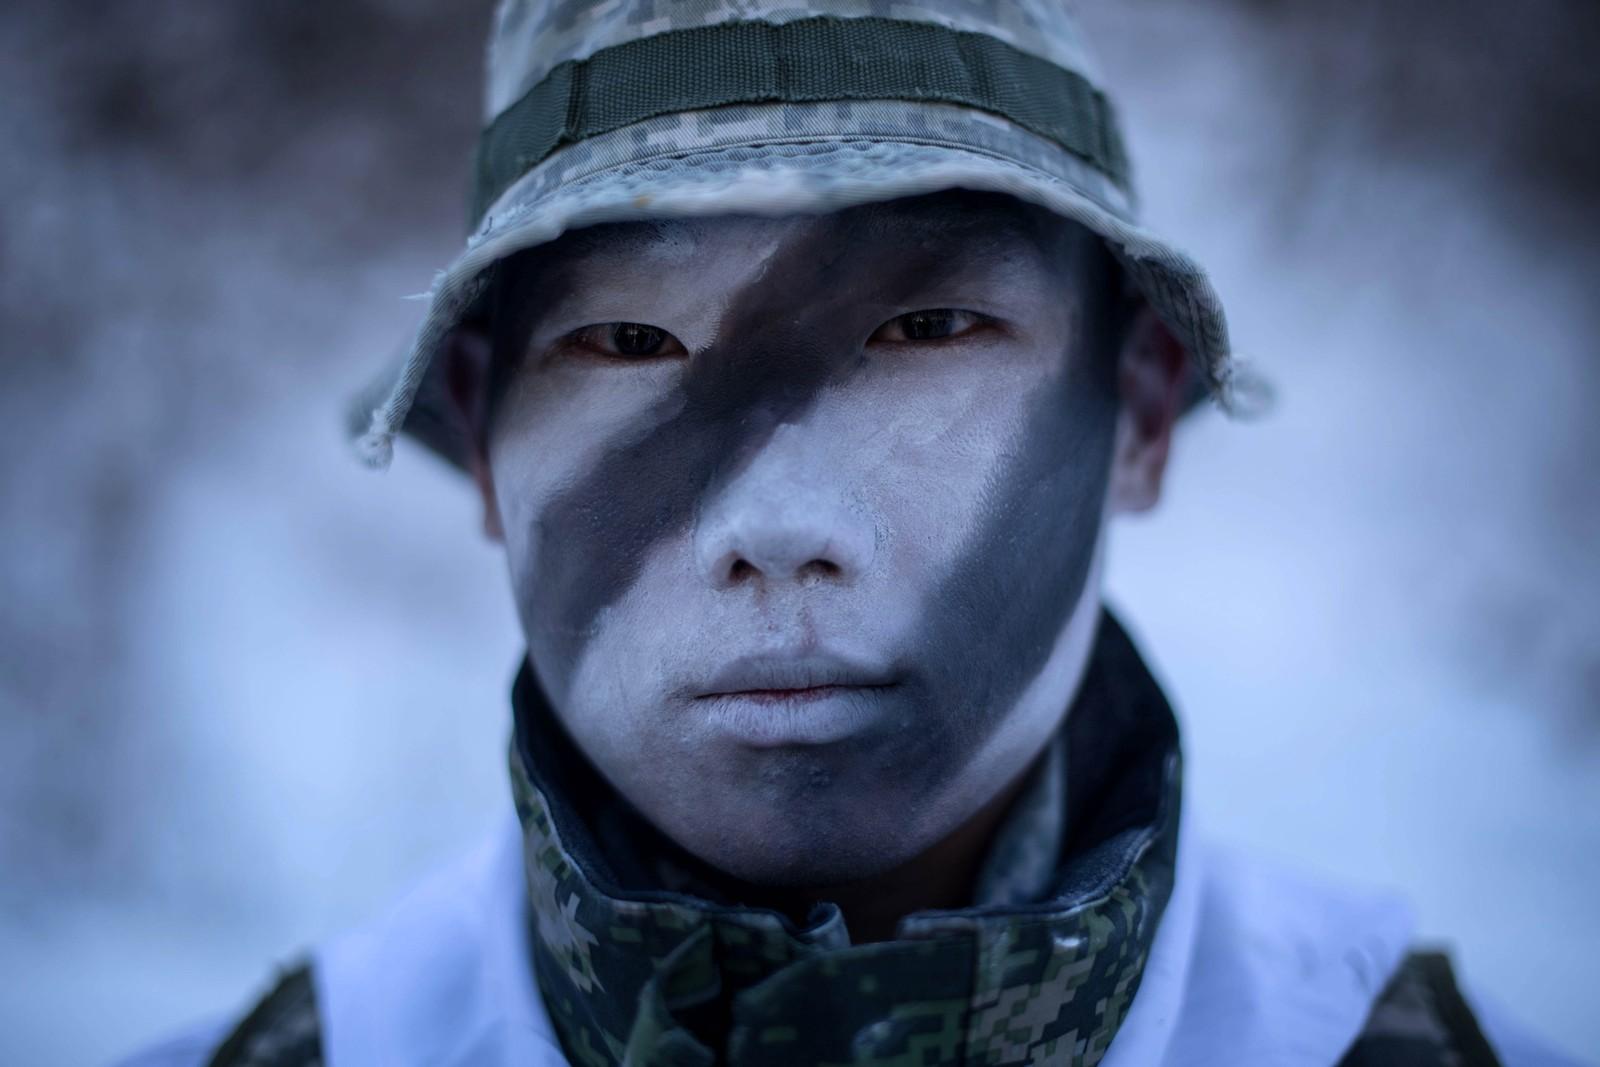 En sørkoreansk soldat under en vinterøvelse i Pyeongchang.